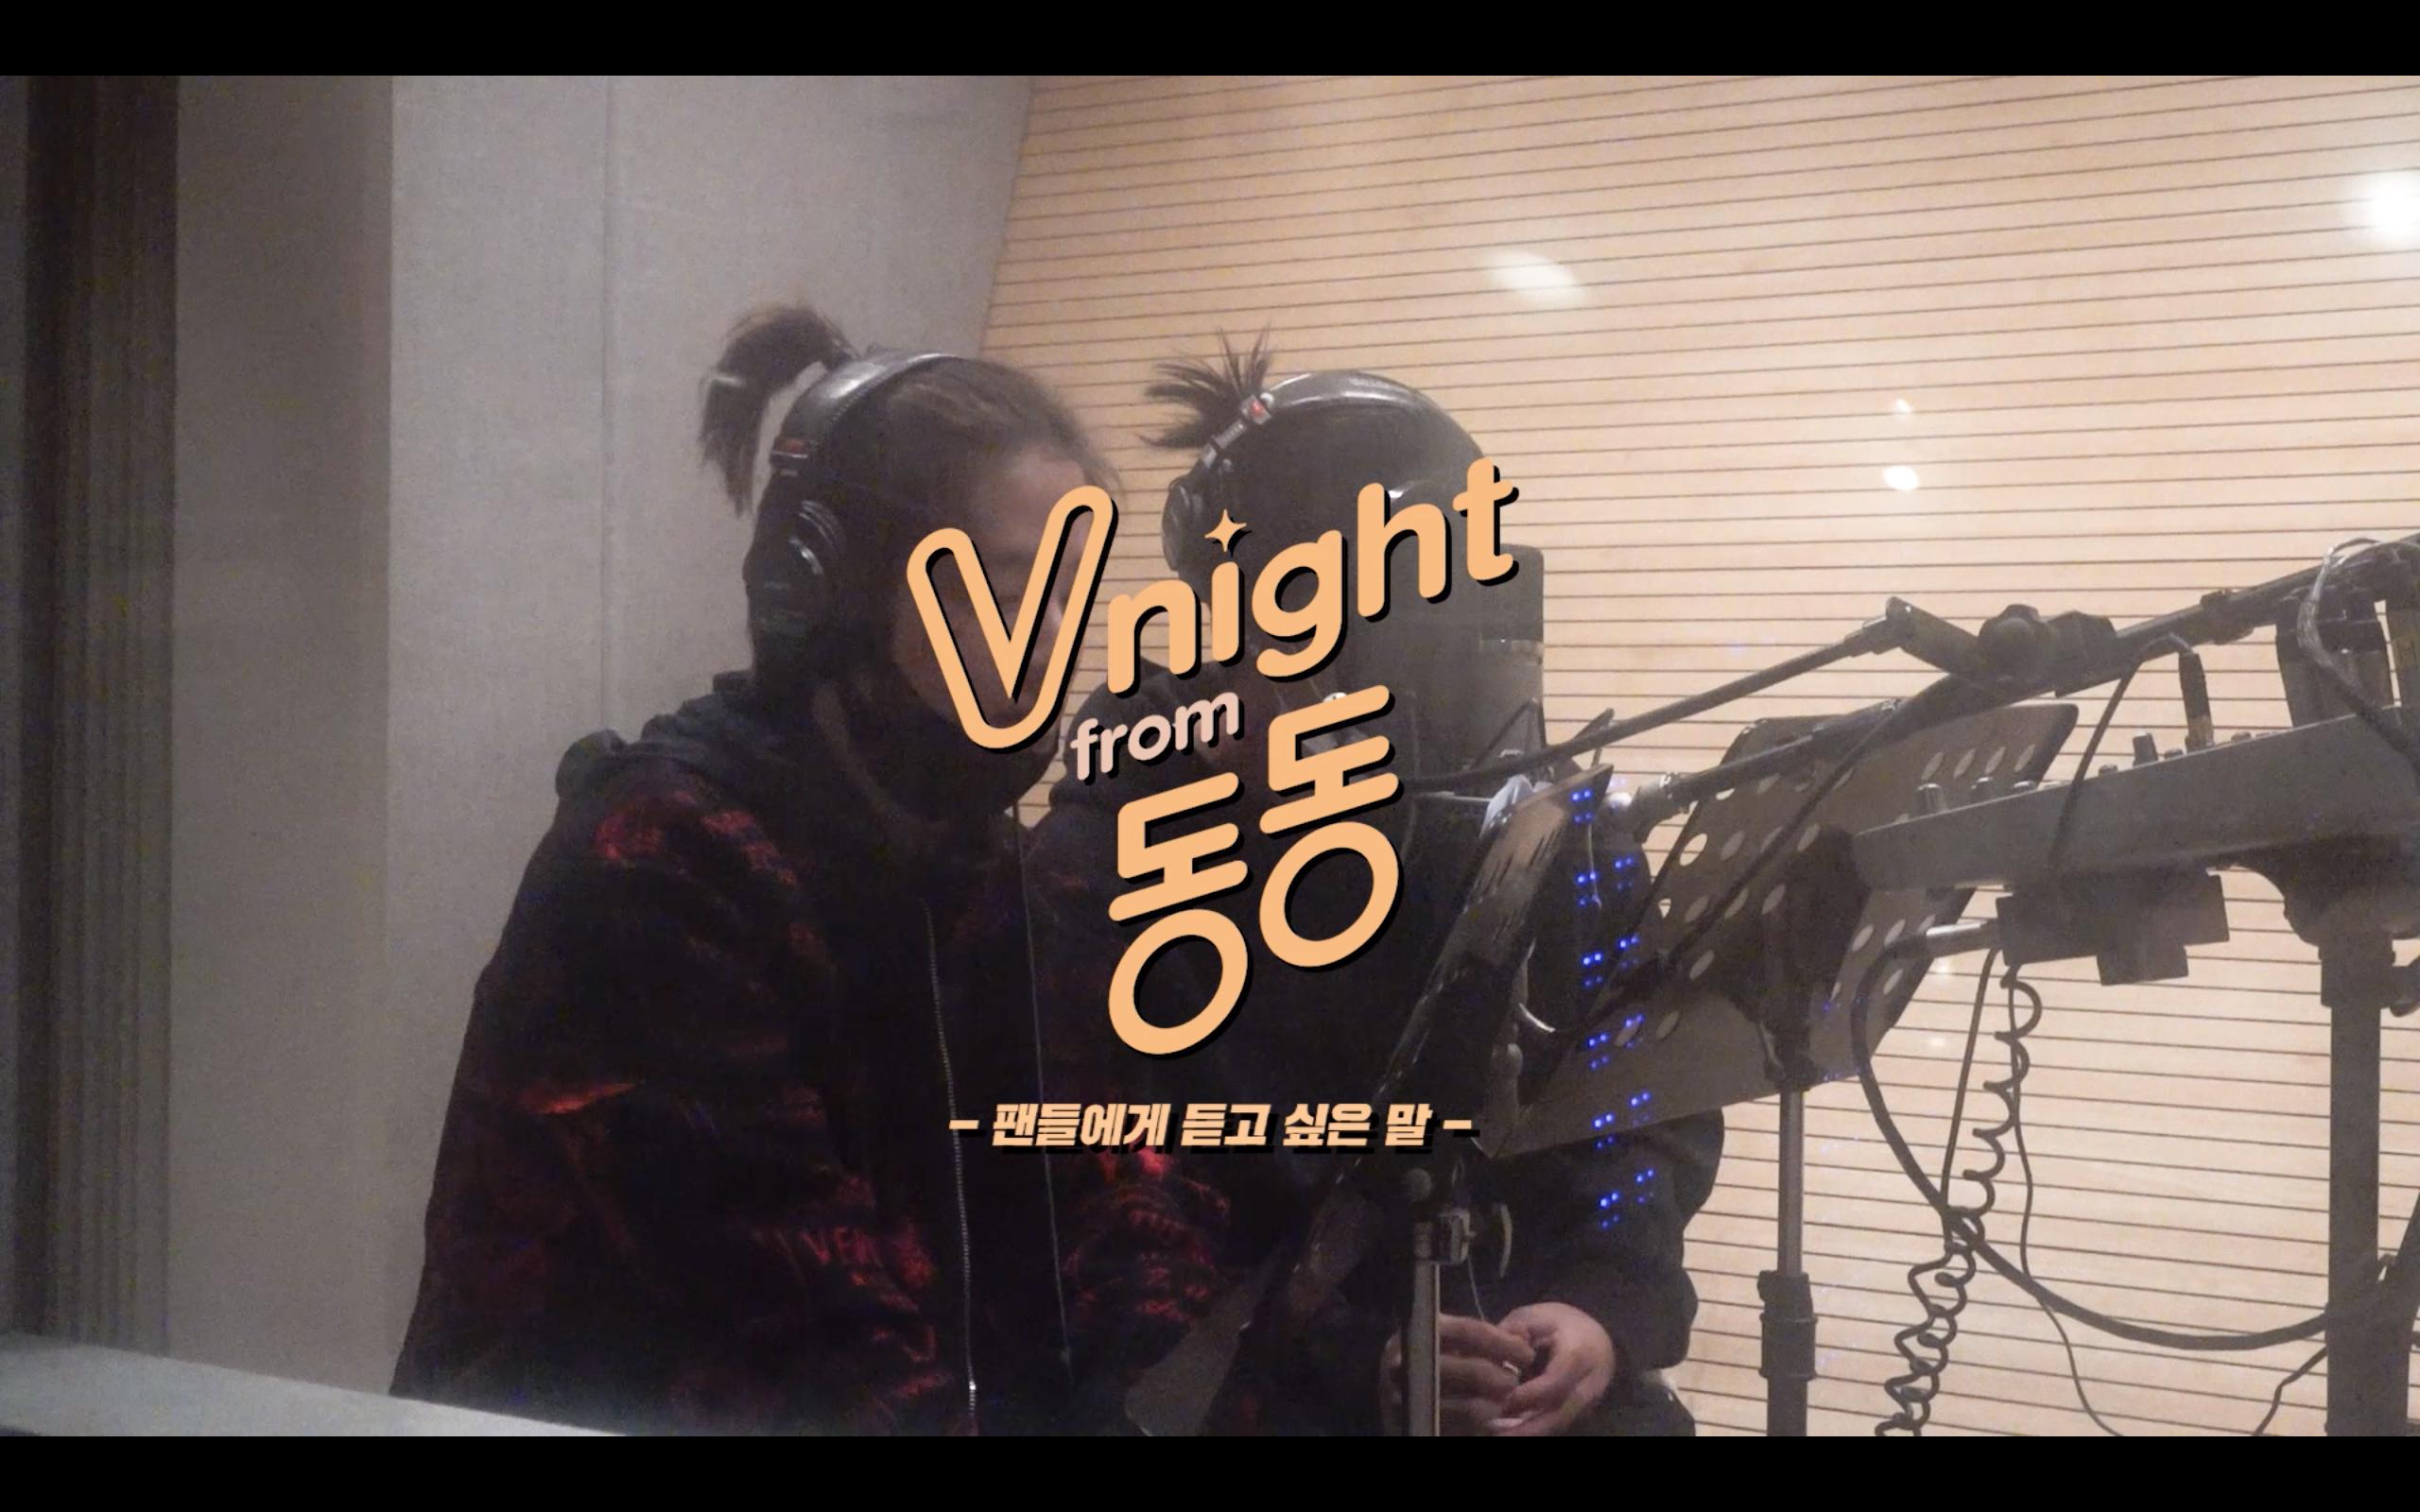 브이나잇 from.동동 (열여덟번째밤) SPECIAL CLiP #6